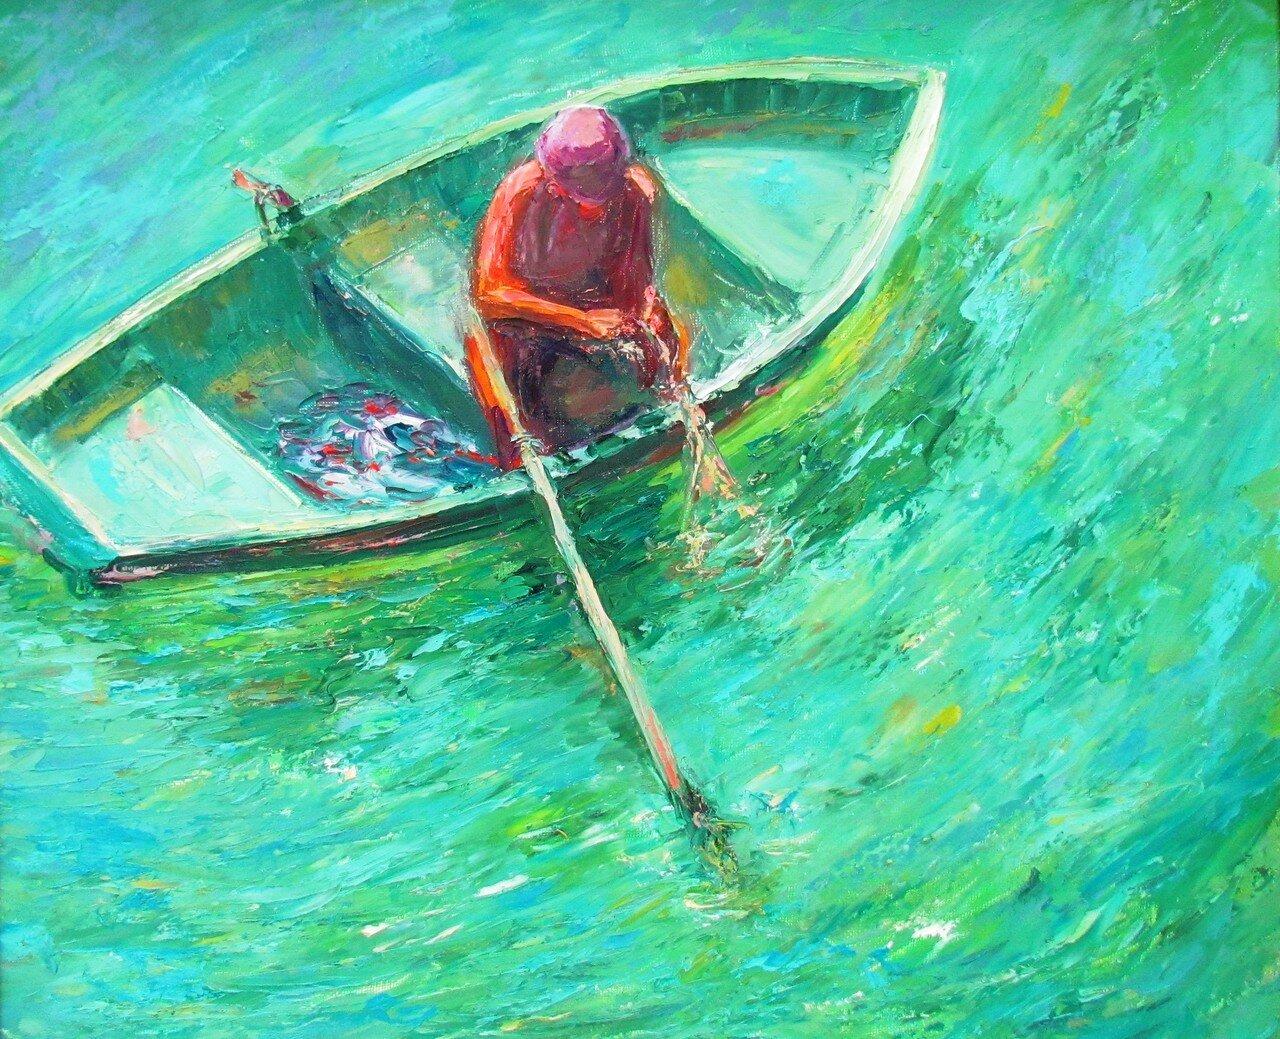 с.воронов.рыбак на озере абрау.jpg